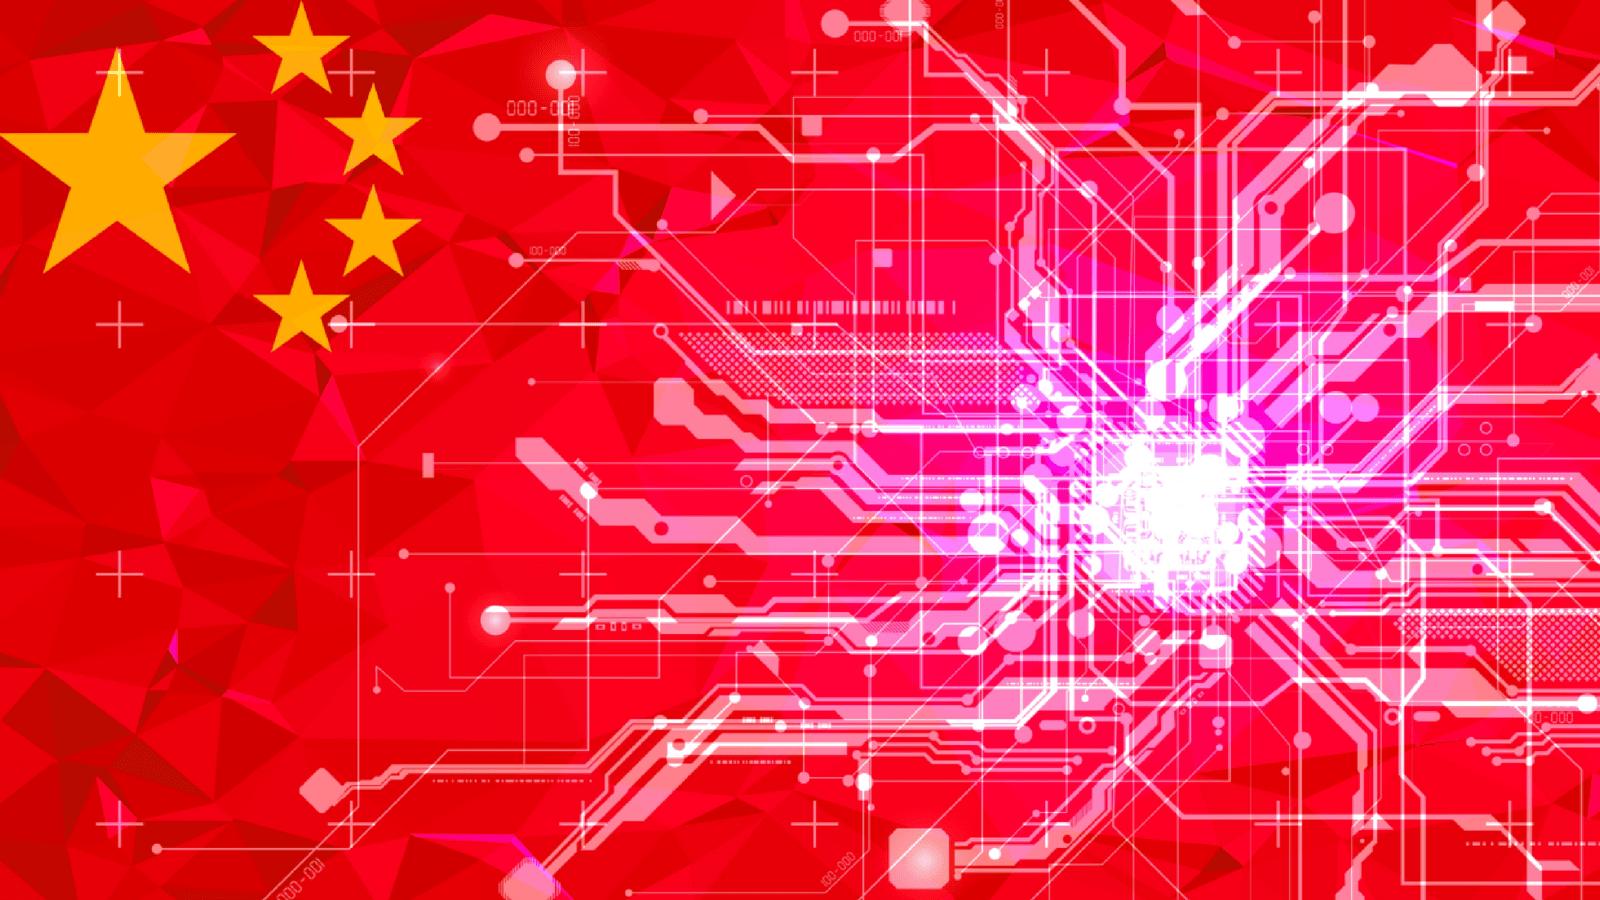 Çin de Altcoinbuzz etherium'a yatırım yaptı